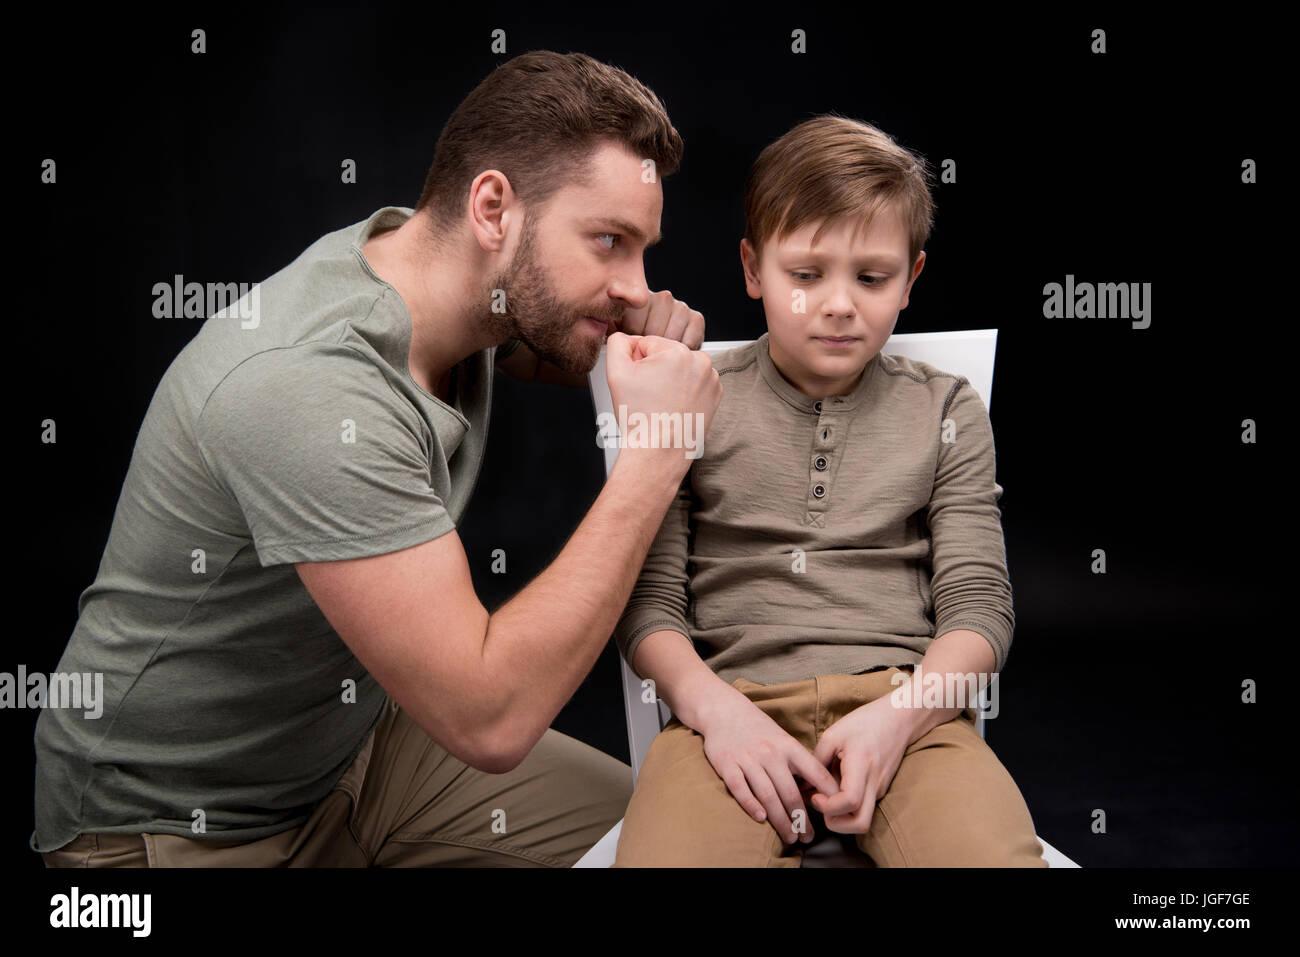 Enojado padre amenazante y hacer gestos miedo pequeño hijo sentado en una silla, problemas familiares concepto Imagen De Stock